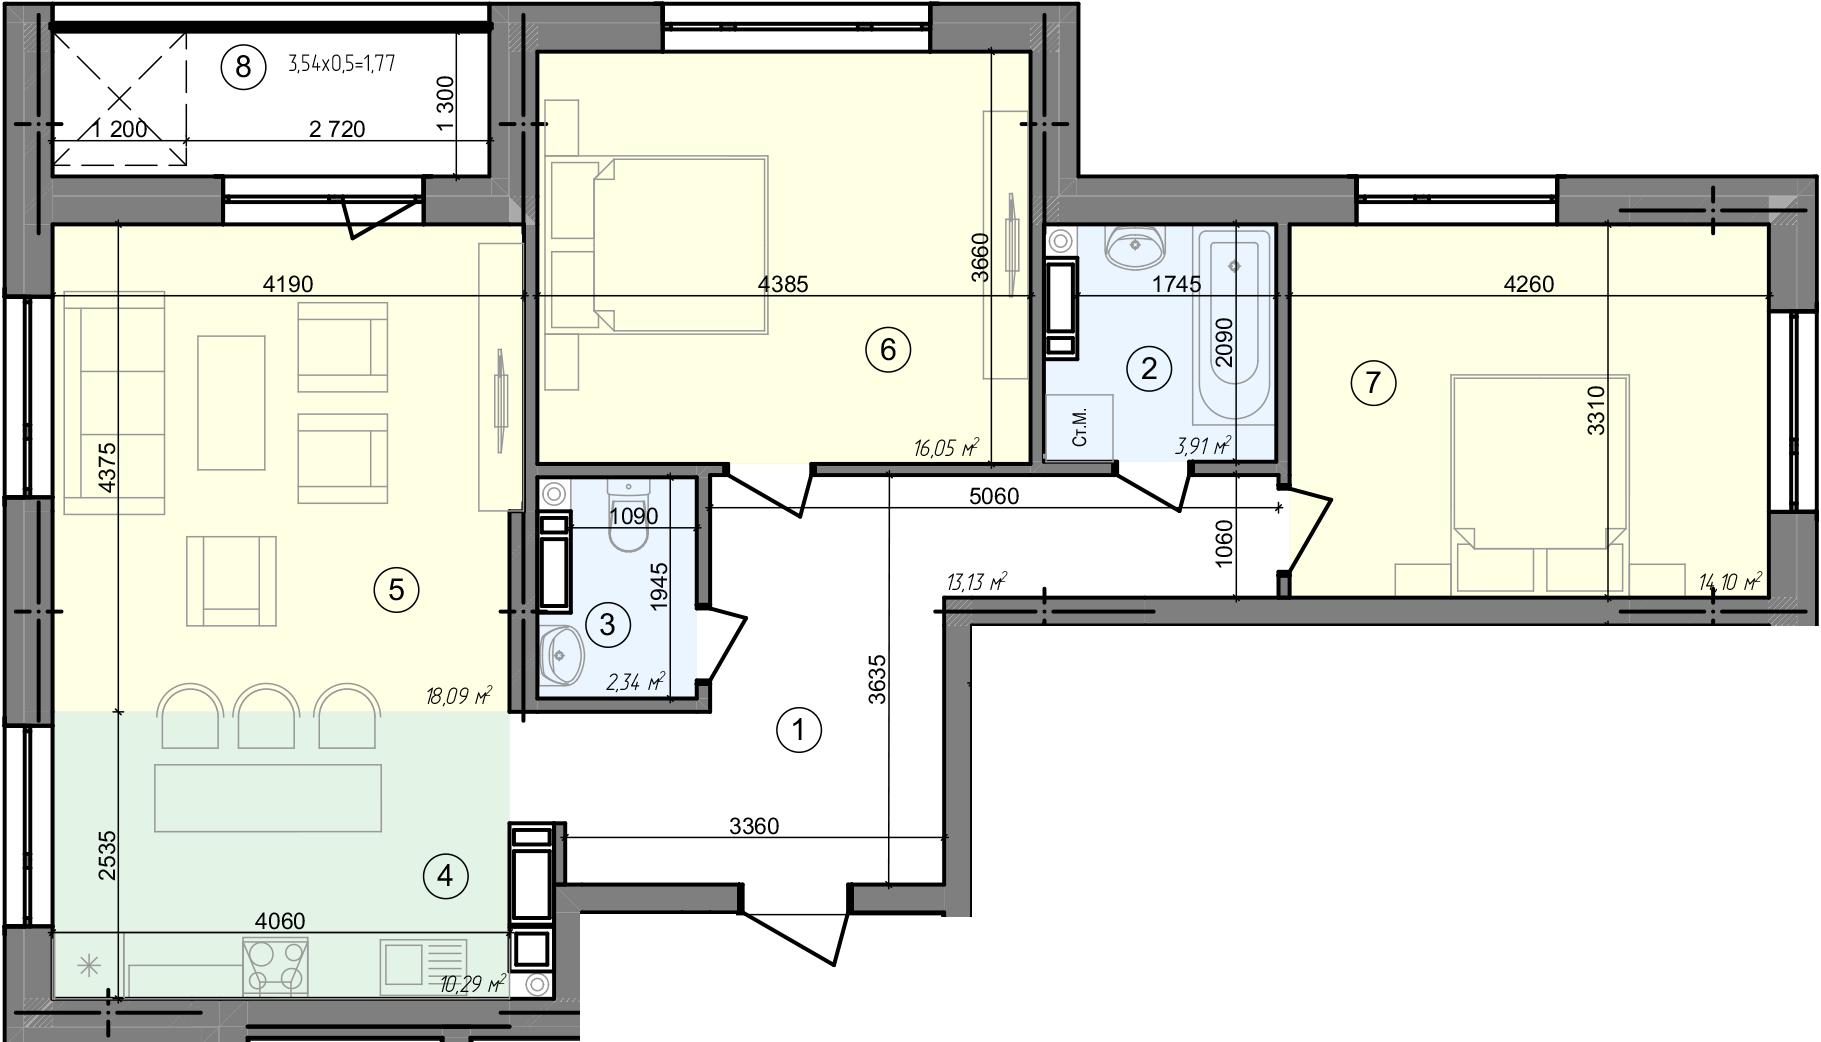 Купити Трикімнатна квартира 79,68 кв.м., тип 3.2, будинок 3, секція 5 в Києві Голосіївський район